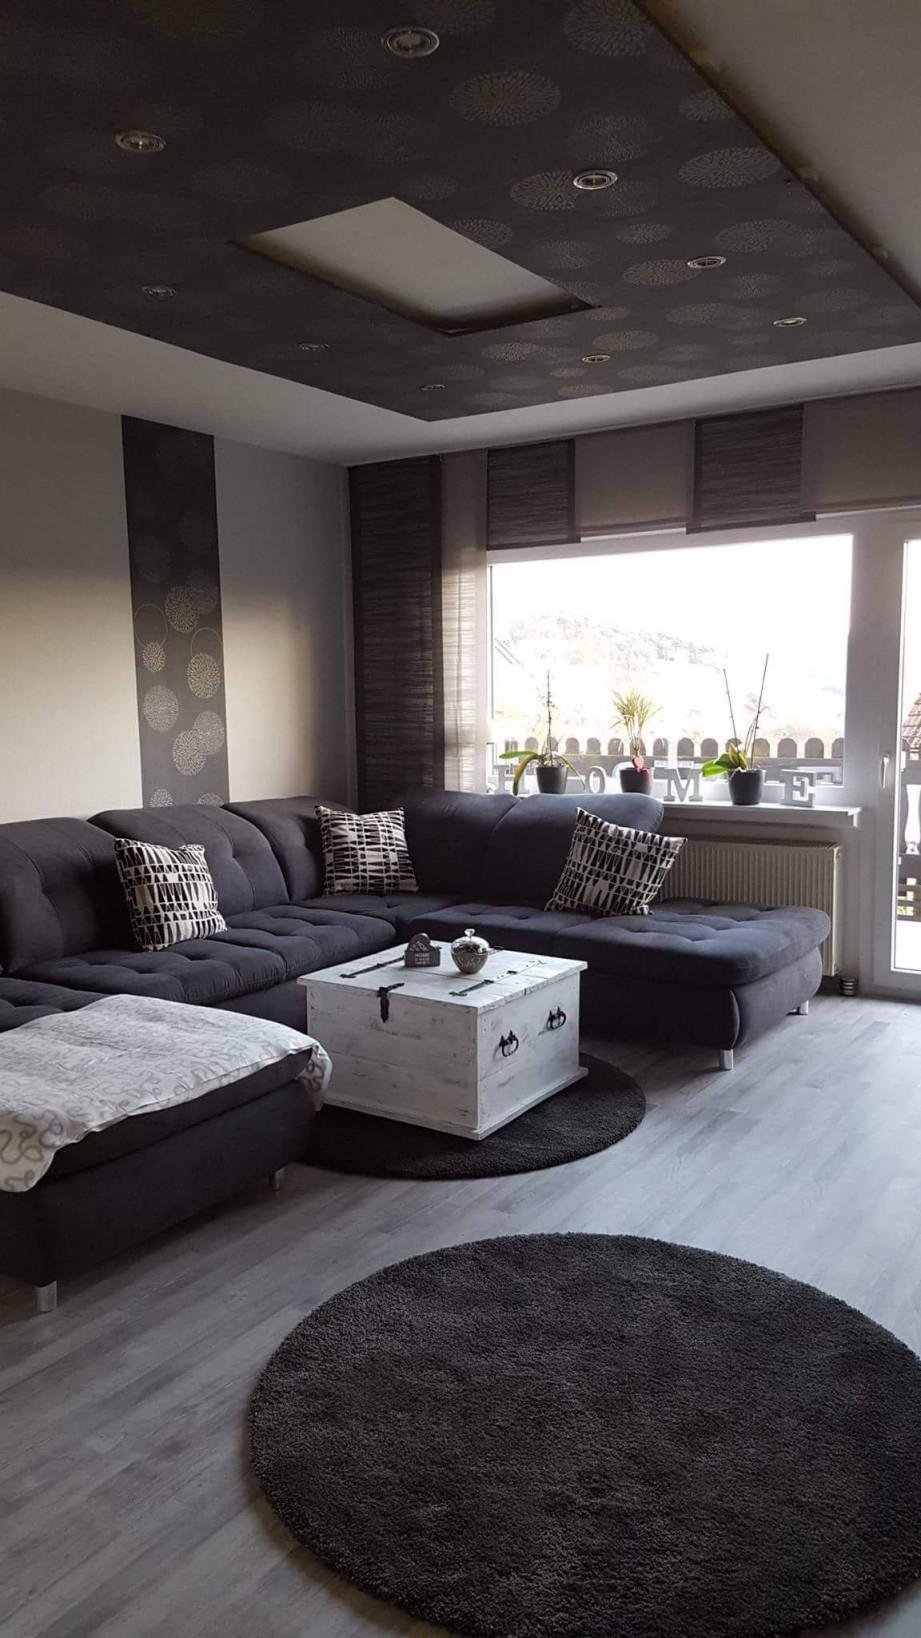 Wohnzimmer Grau Weiß Das Beste Von Wohnzimmer Ideen Grau von Wohnzimmer Grau Ideen Bild